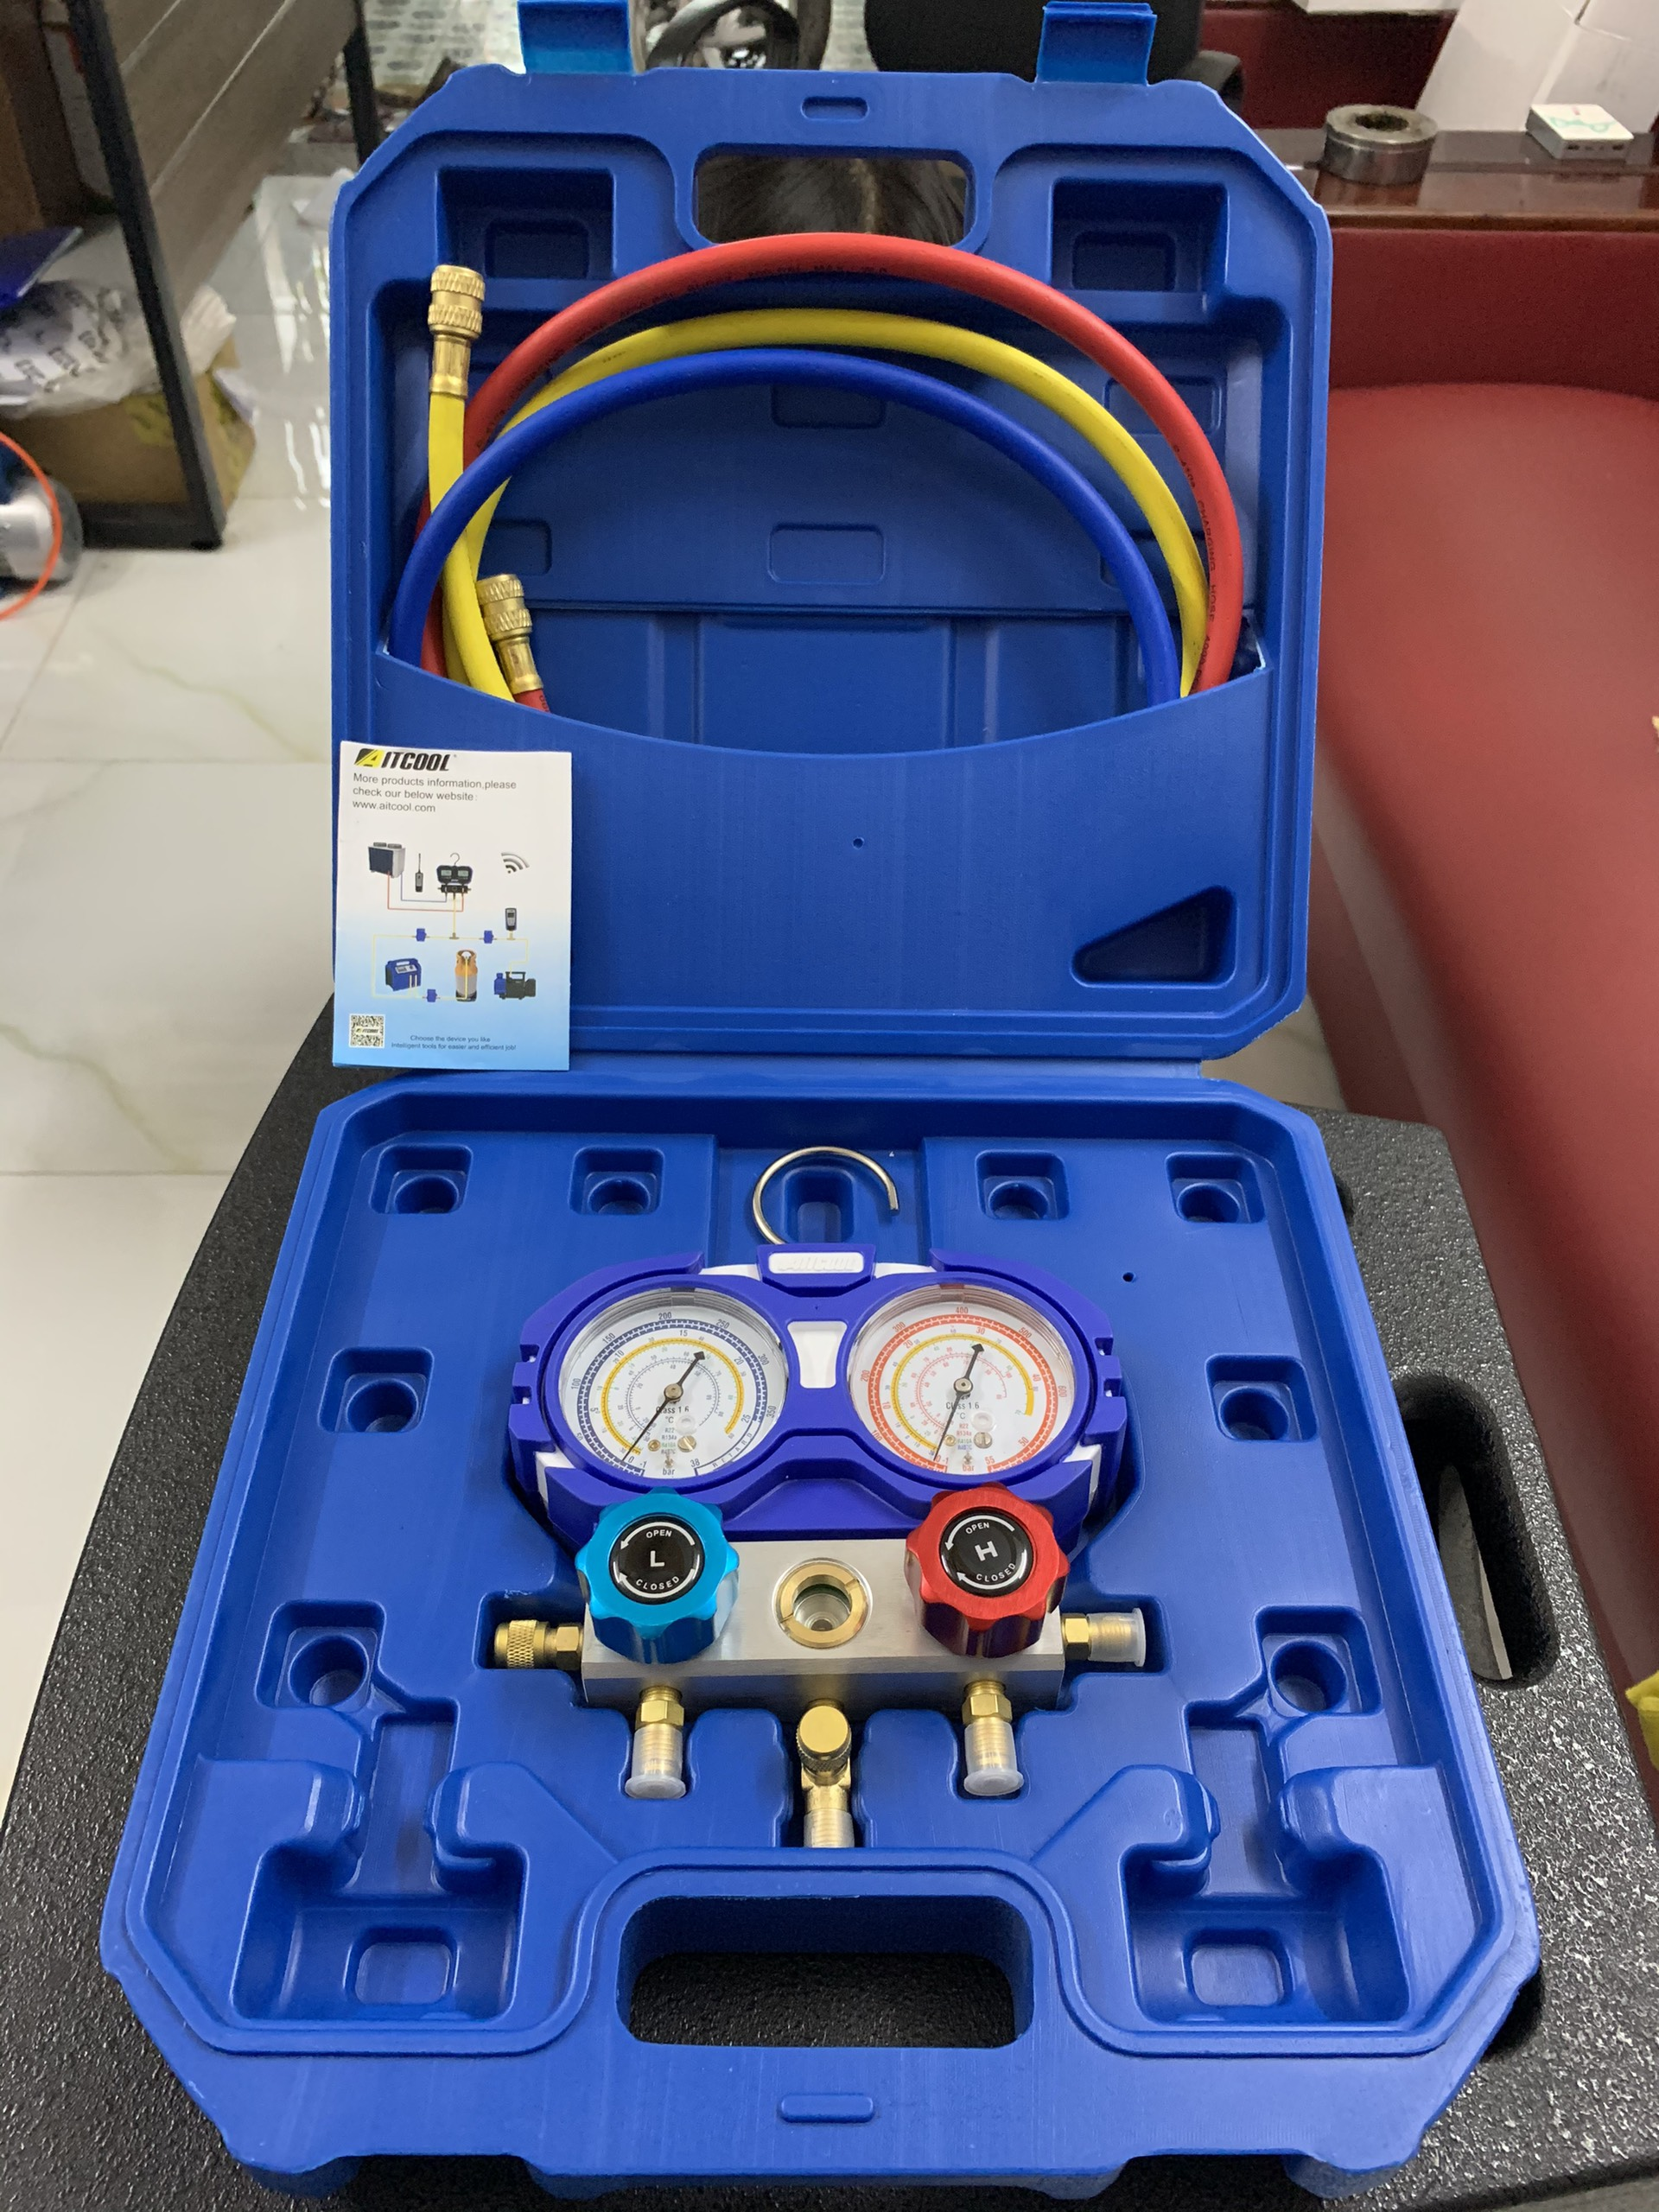 Bộ đồng hồ nạp gas lạnh AITCOOL HMG-2-R32-II